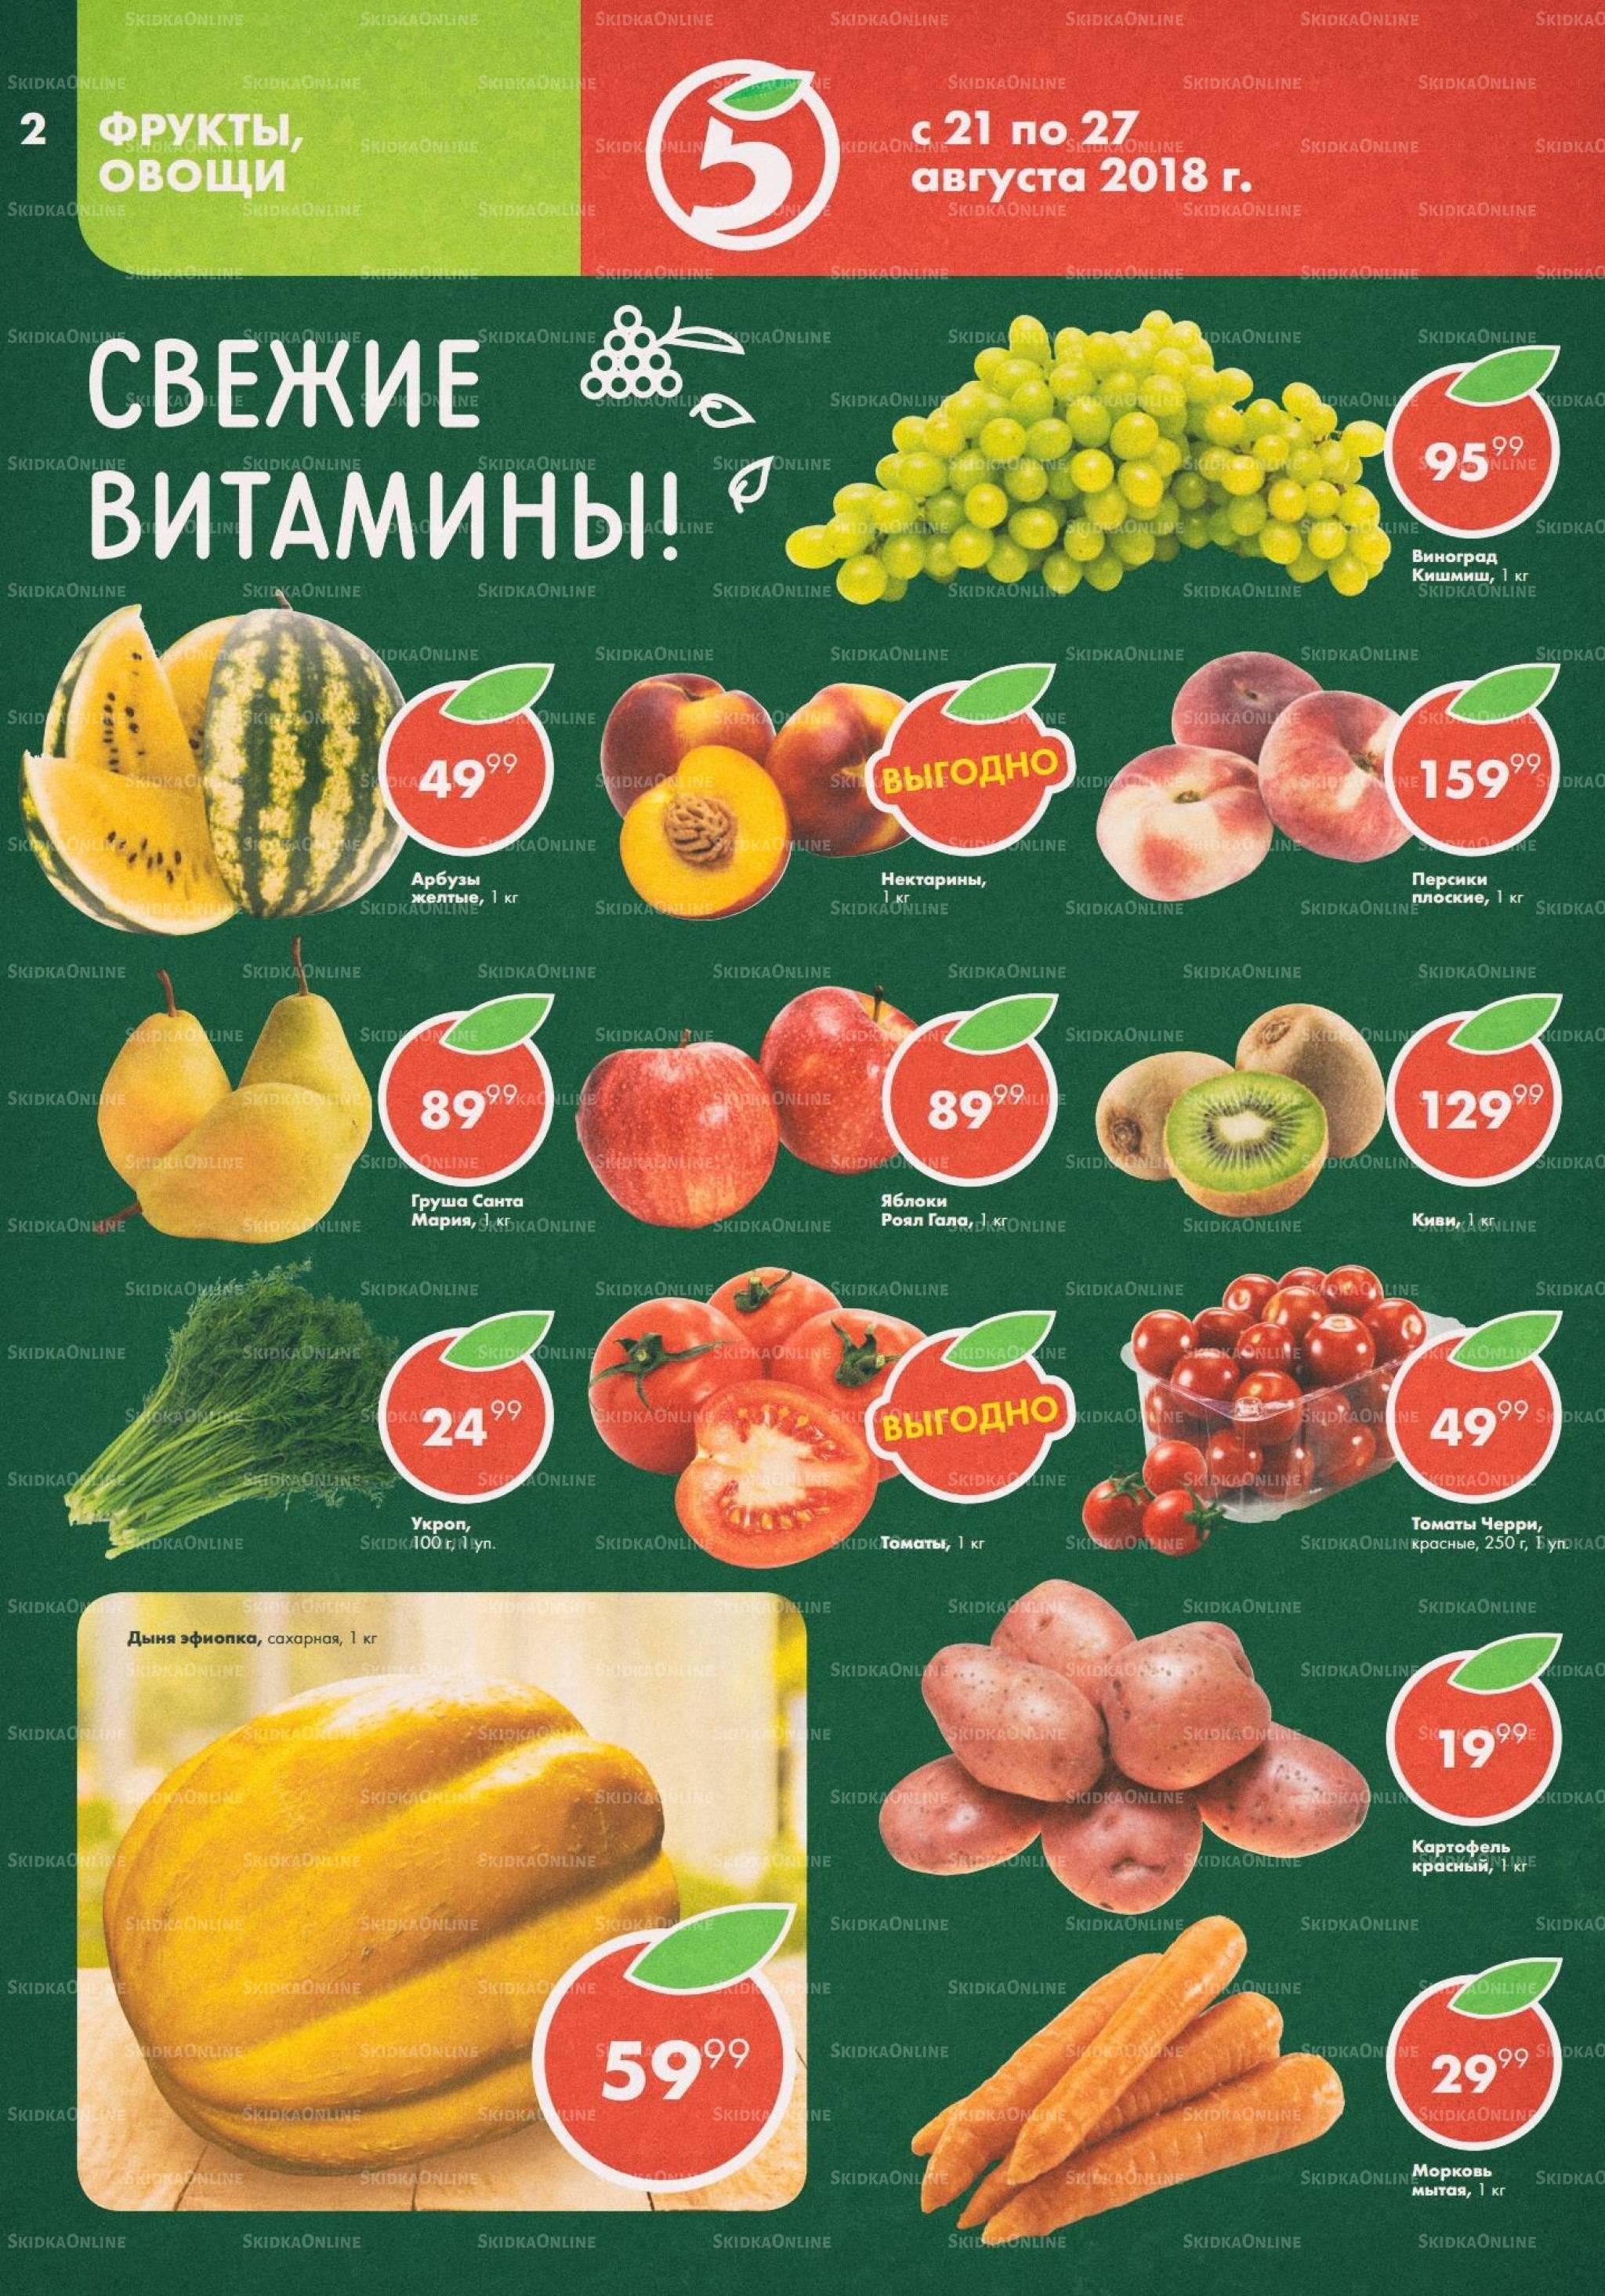 Акции в Пятёрочке с 21 по 27 августа 2018 года